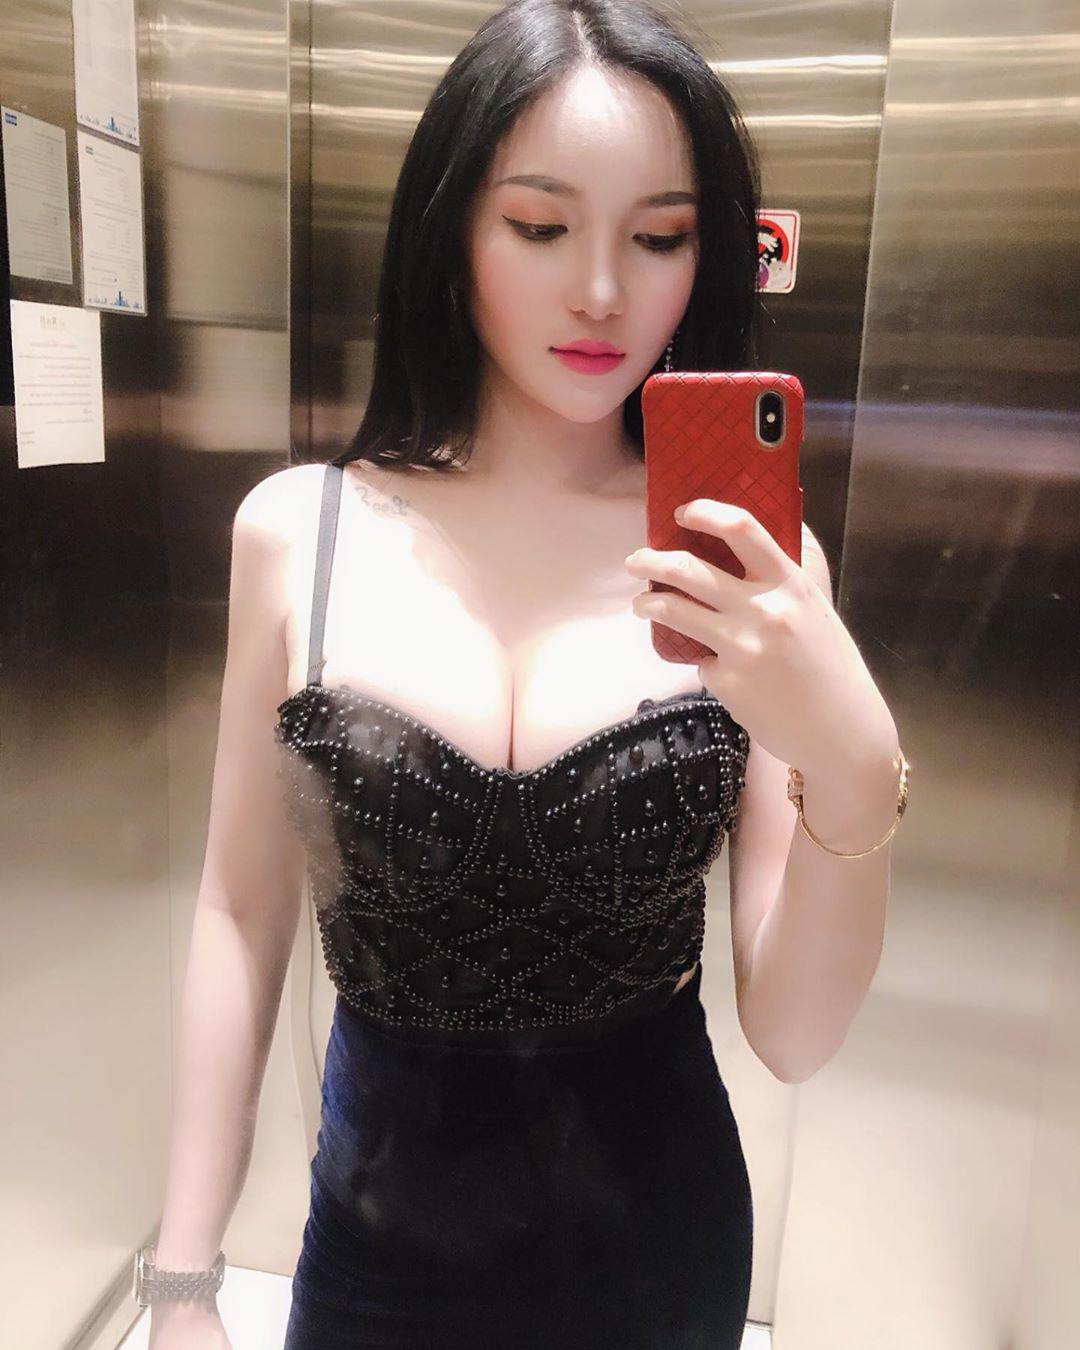 長髮正妹挺起兇器 無害笑容反差魅力太迷人 - 亞洲美女 -